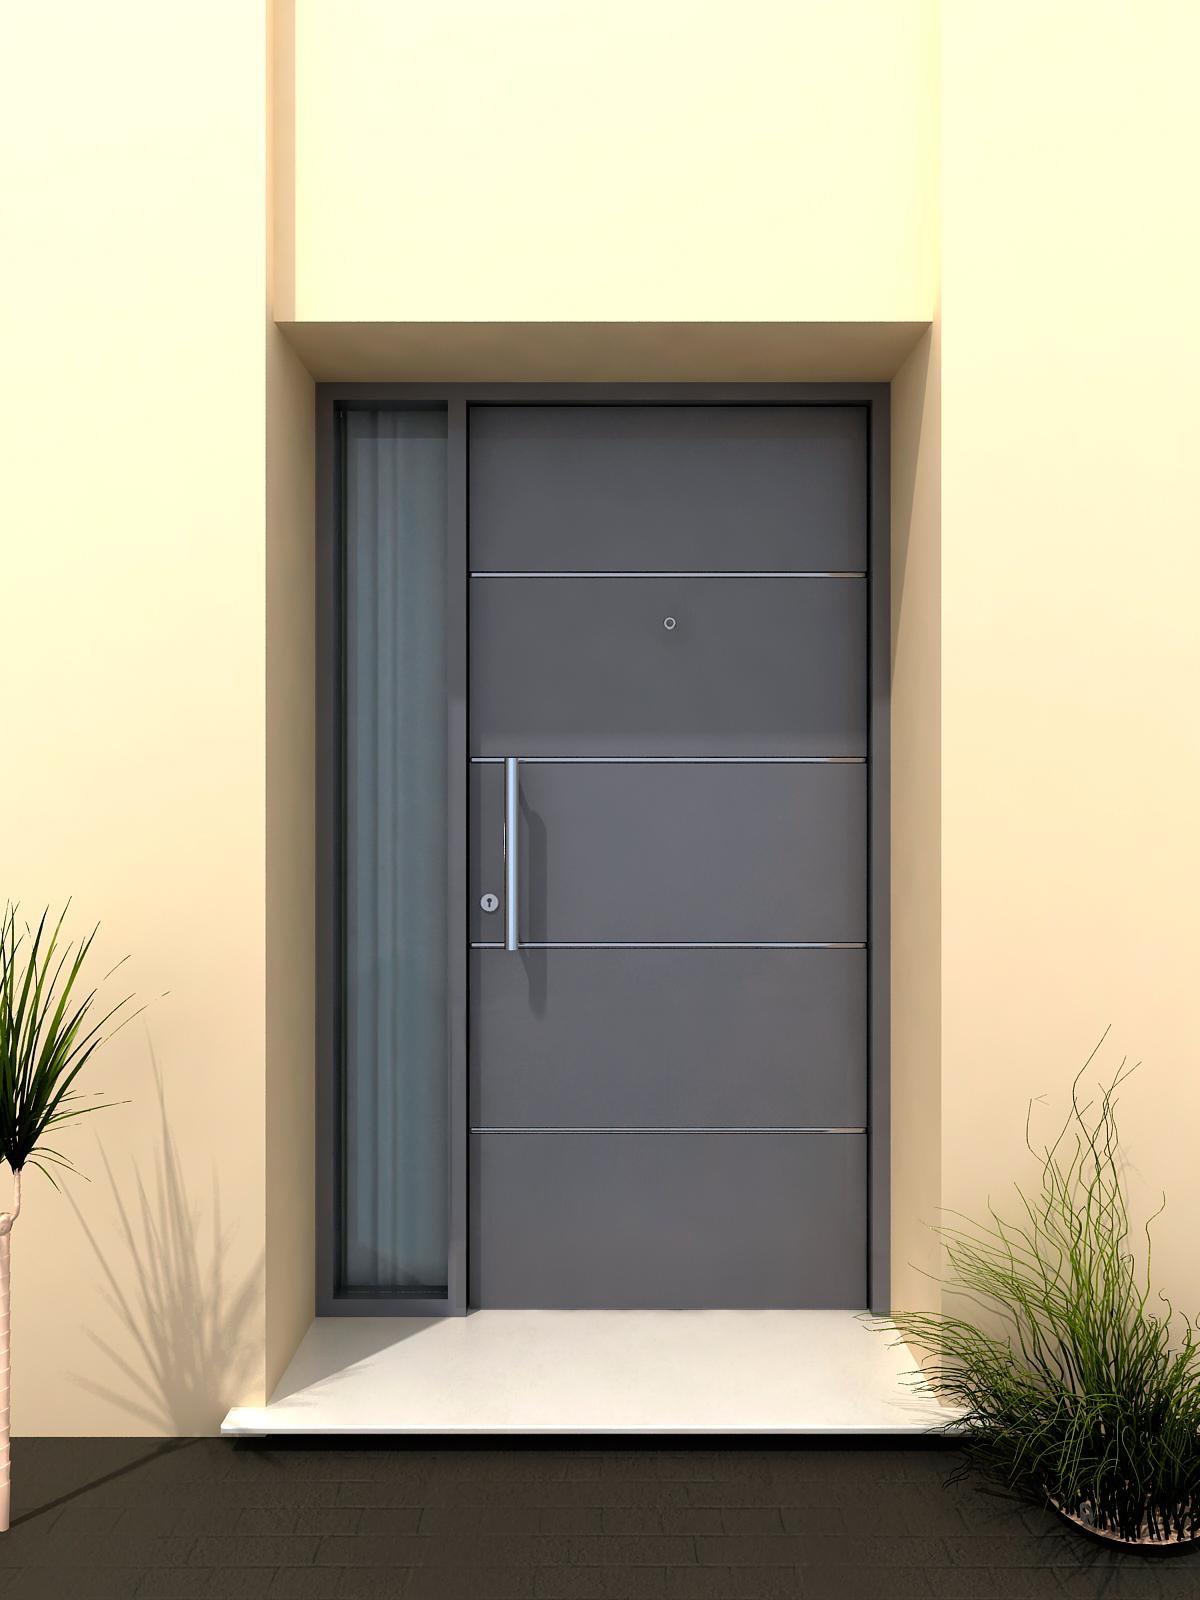 Puertas de entrada metalicas ideas de disenos for Puertas metalicas